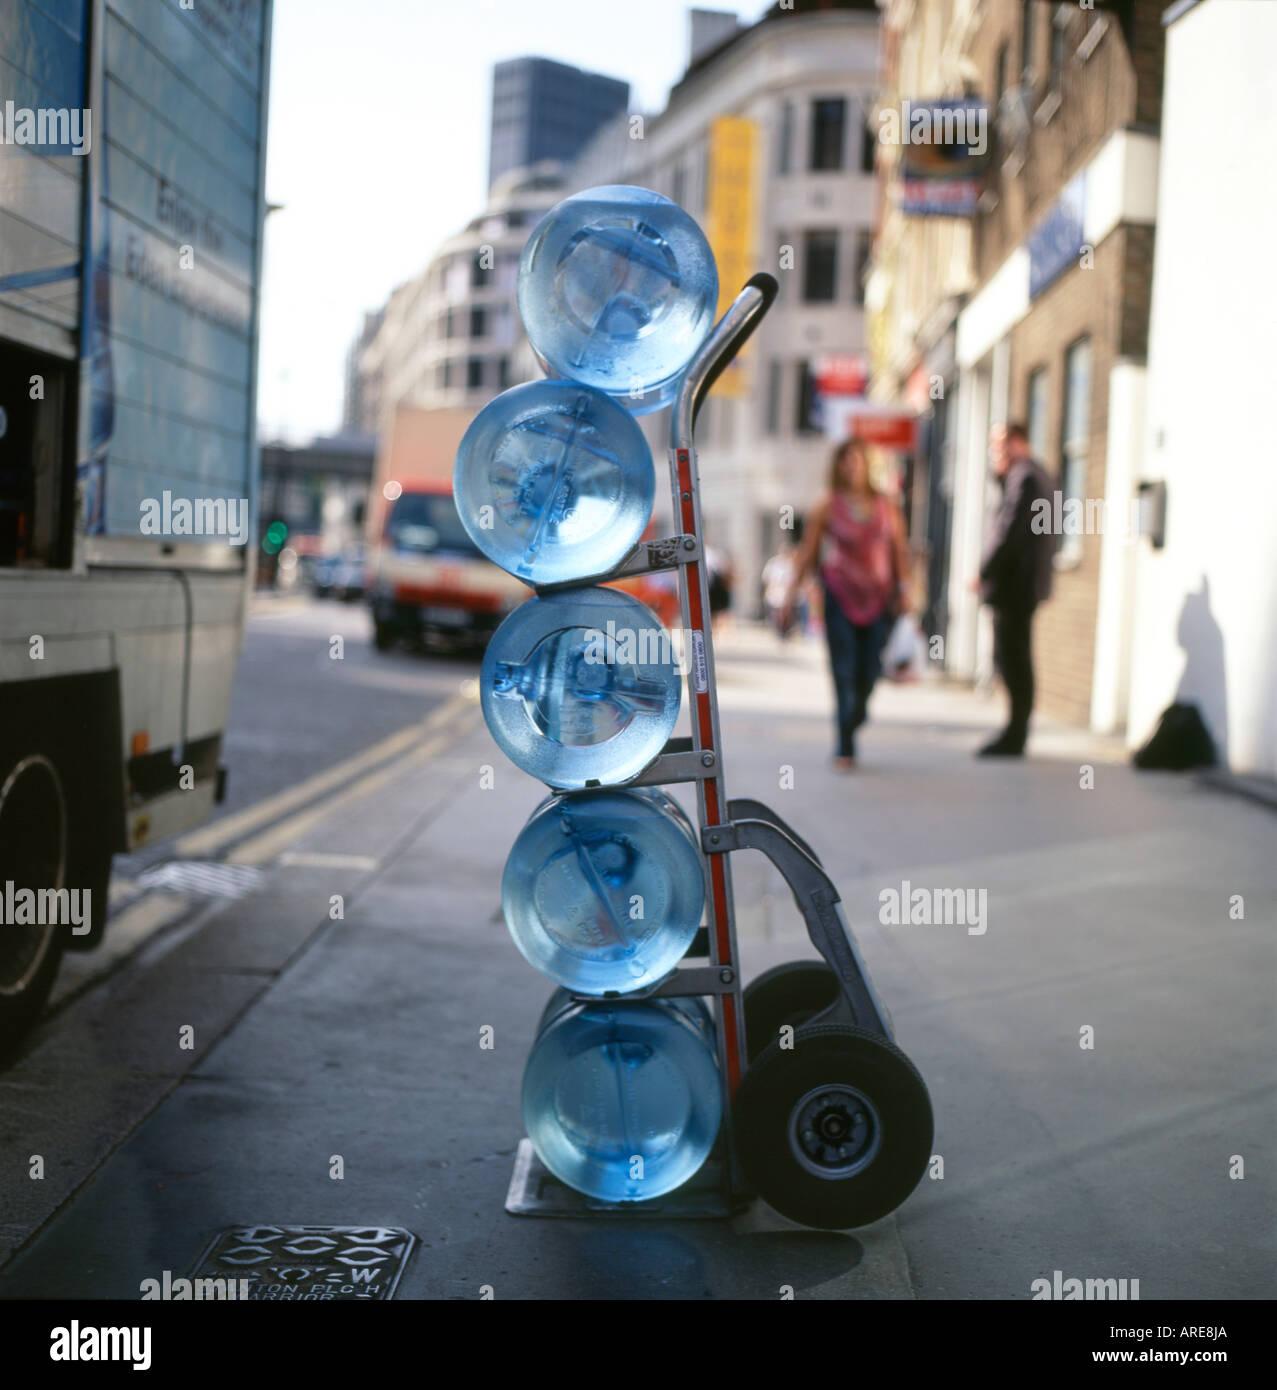 Refroidisseur d'eau bouteilles empilées sur un chariot de livraison dans une rue du centre de Londres, Angleterre, Royaume-Uni Photo Stock